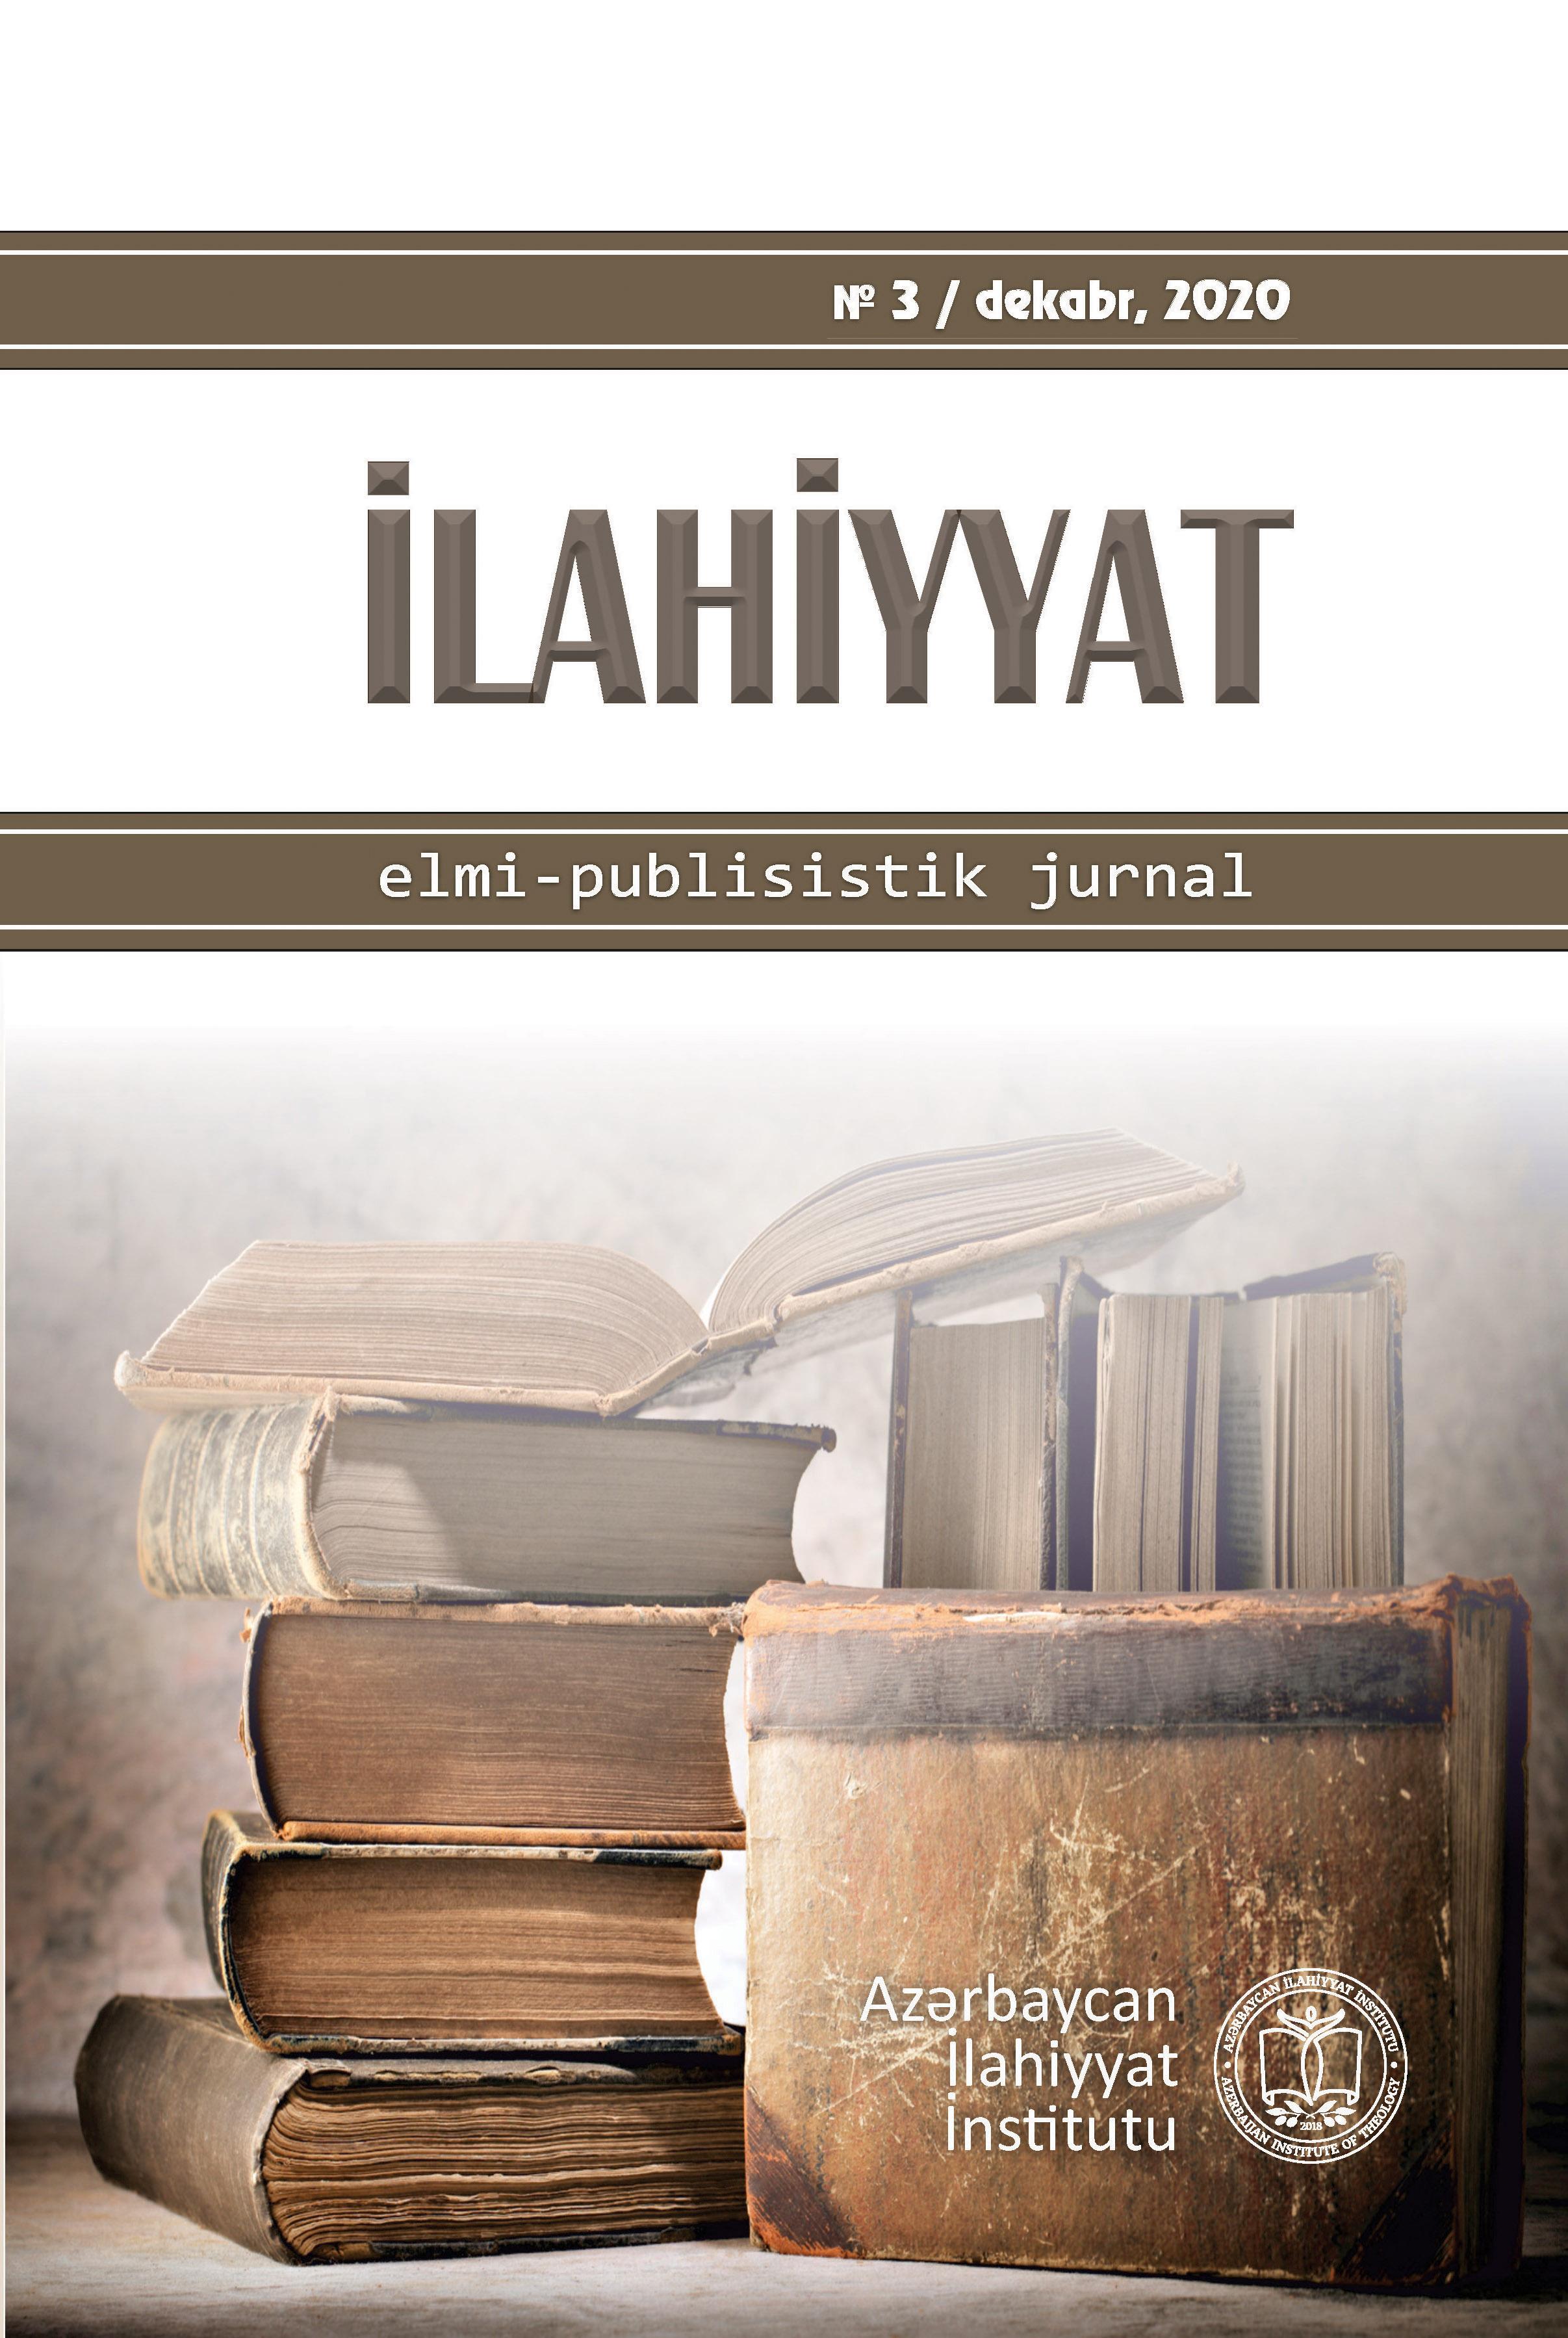 """""""İlahiyyat"""" elmi-publisistik jurnalının növbəti sayı"""